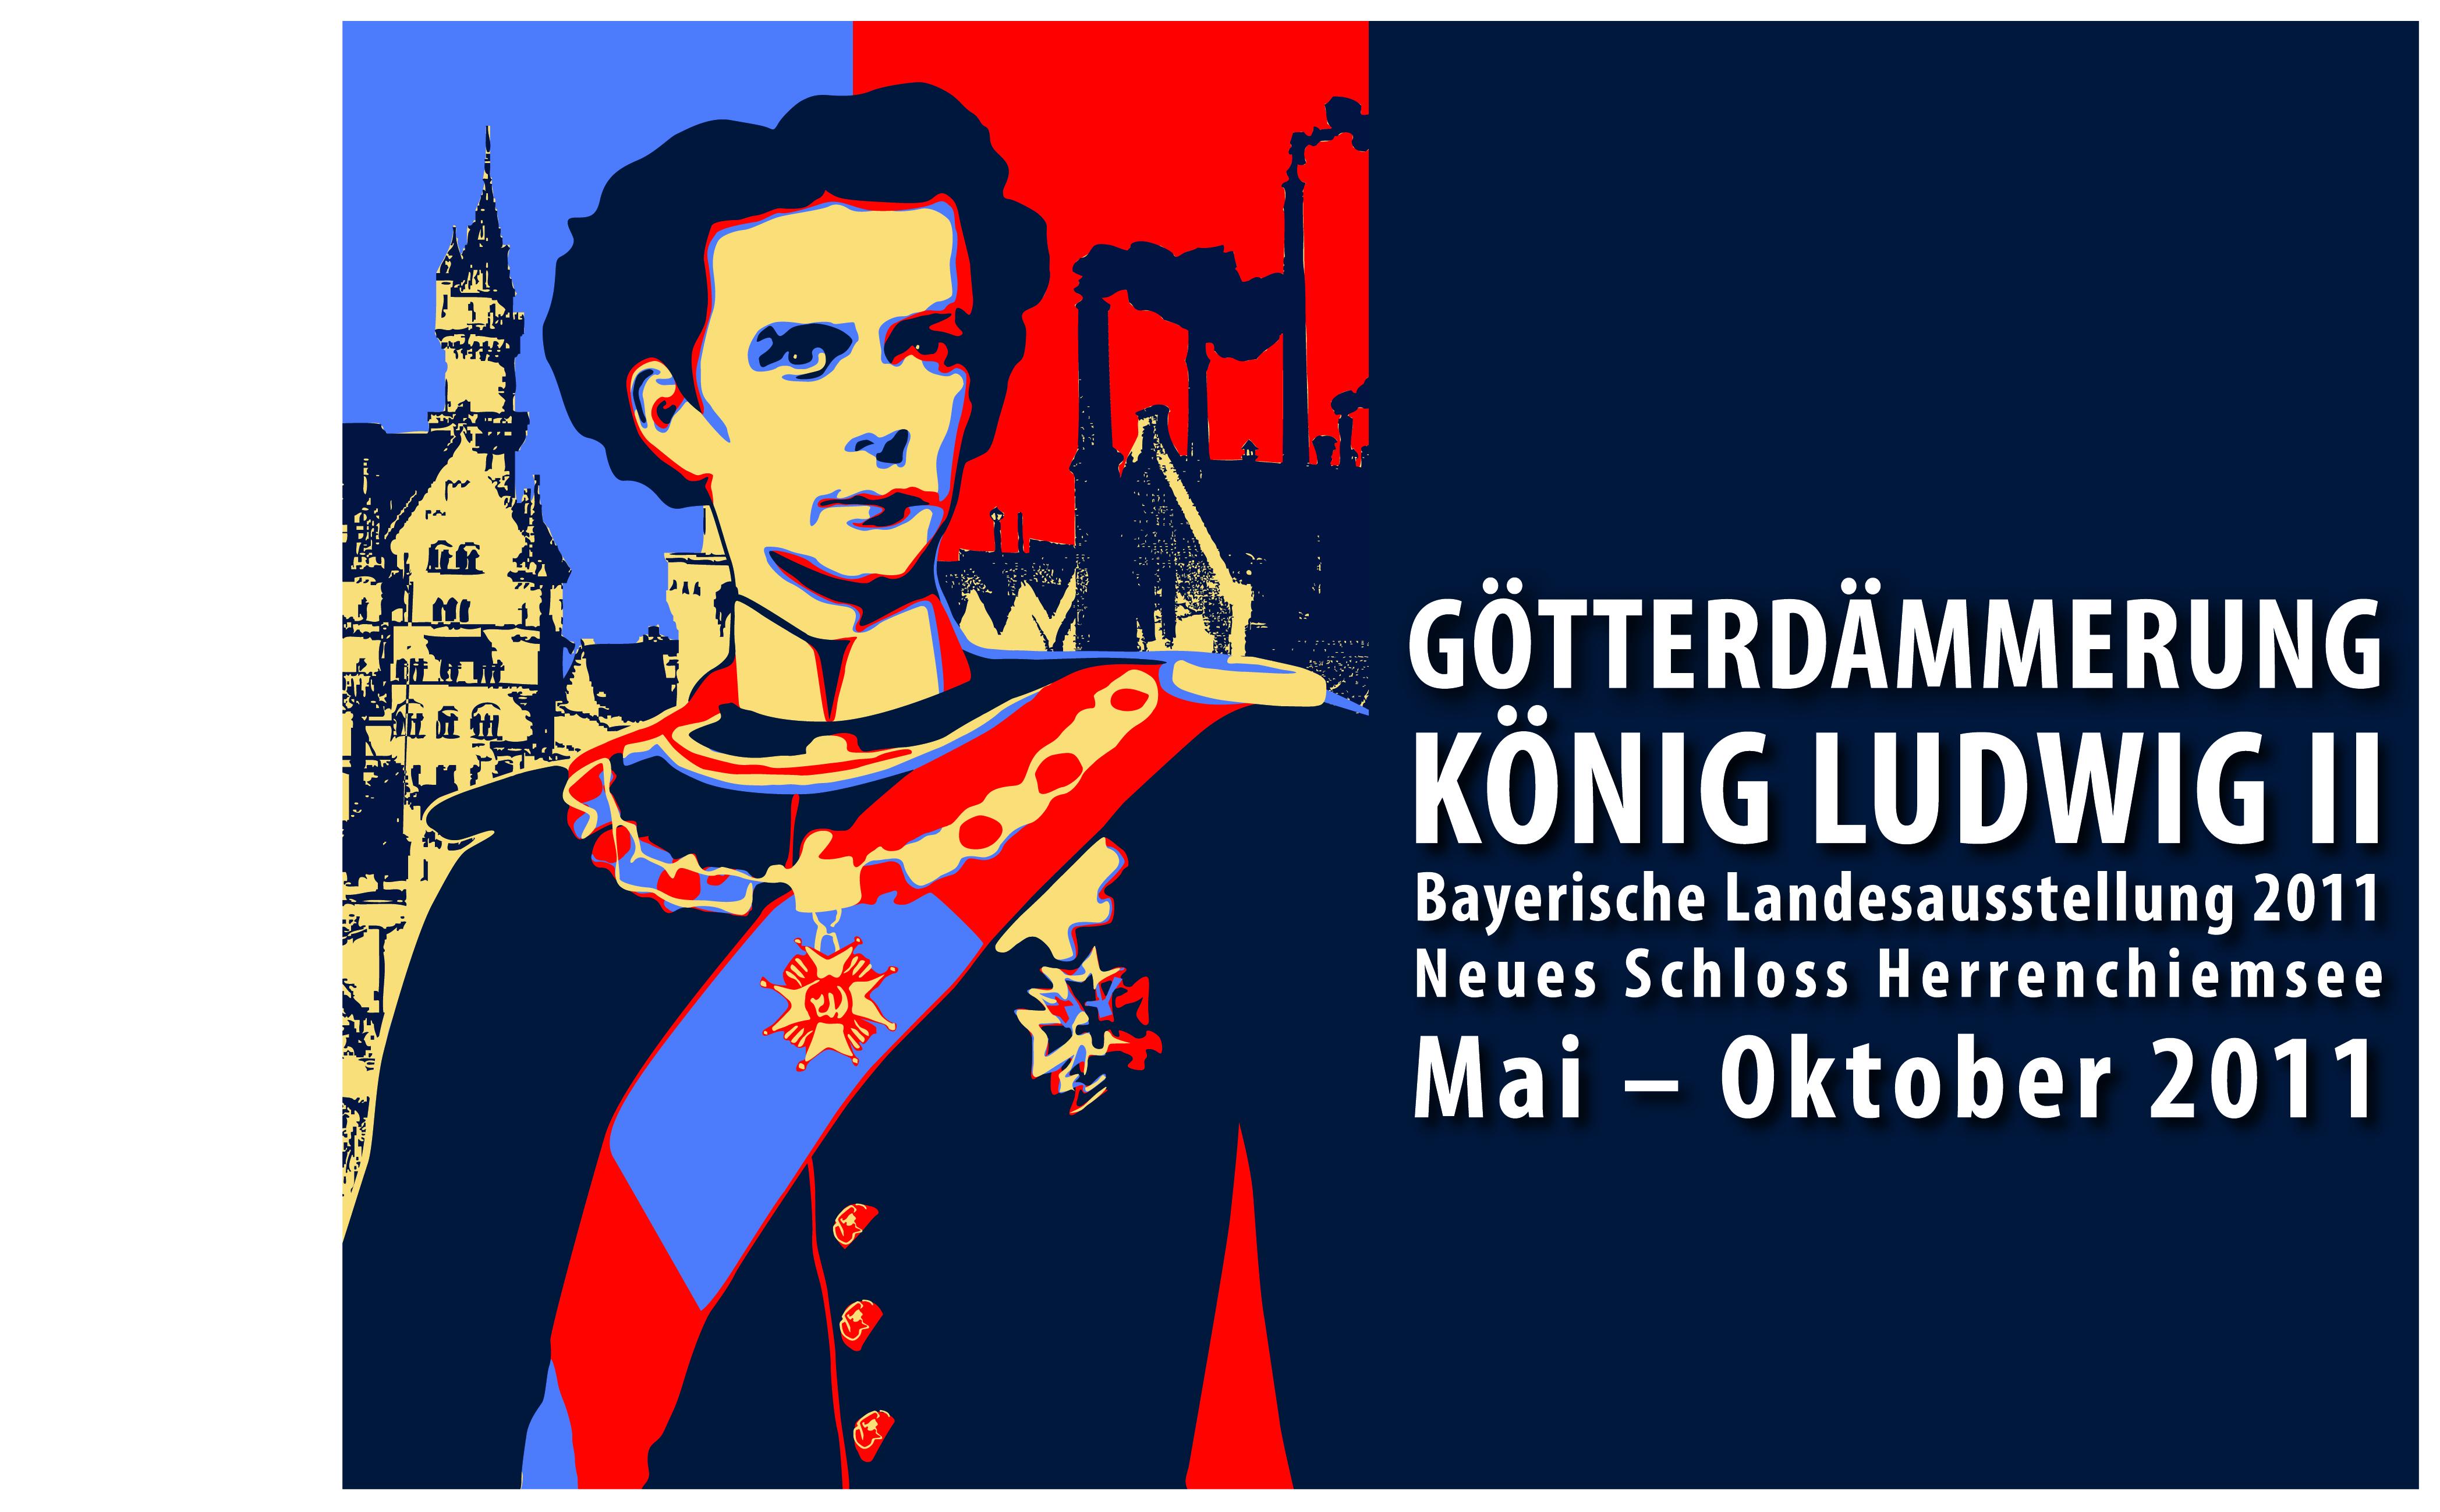 Plakat zur Bayerischen Landesausstellung 2011 © Haus der Bayerischen Geschichte | Entwurf: Grafikbüro Wilhelm